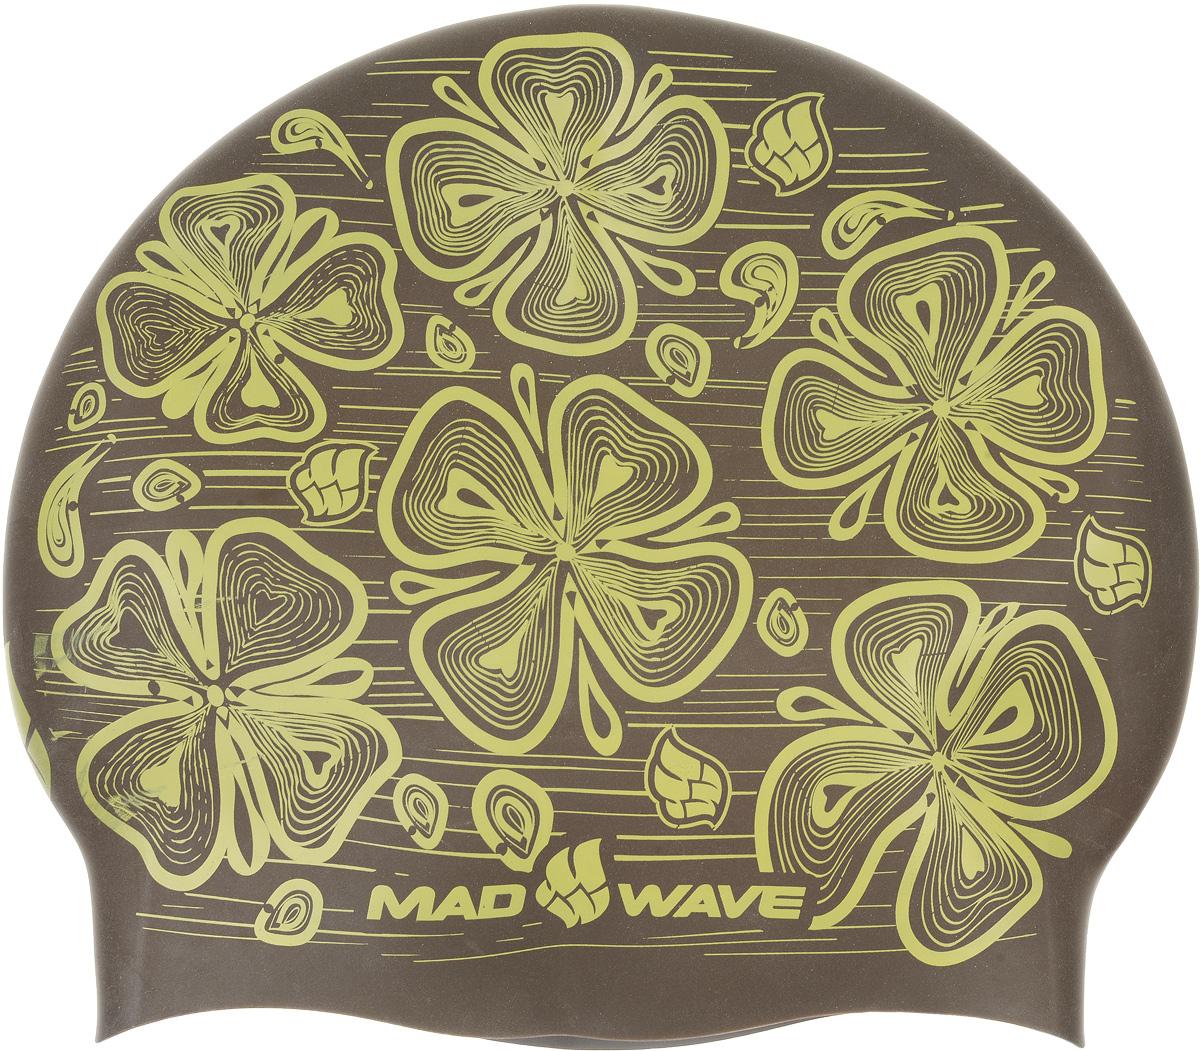 Шапочка для плавания MadWave Reverse Flora, силиконовая, двусторонняя, цвет: серый, коричневый сланцы madwave madwave ma991akffh77